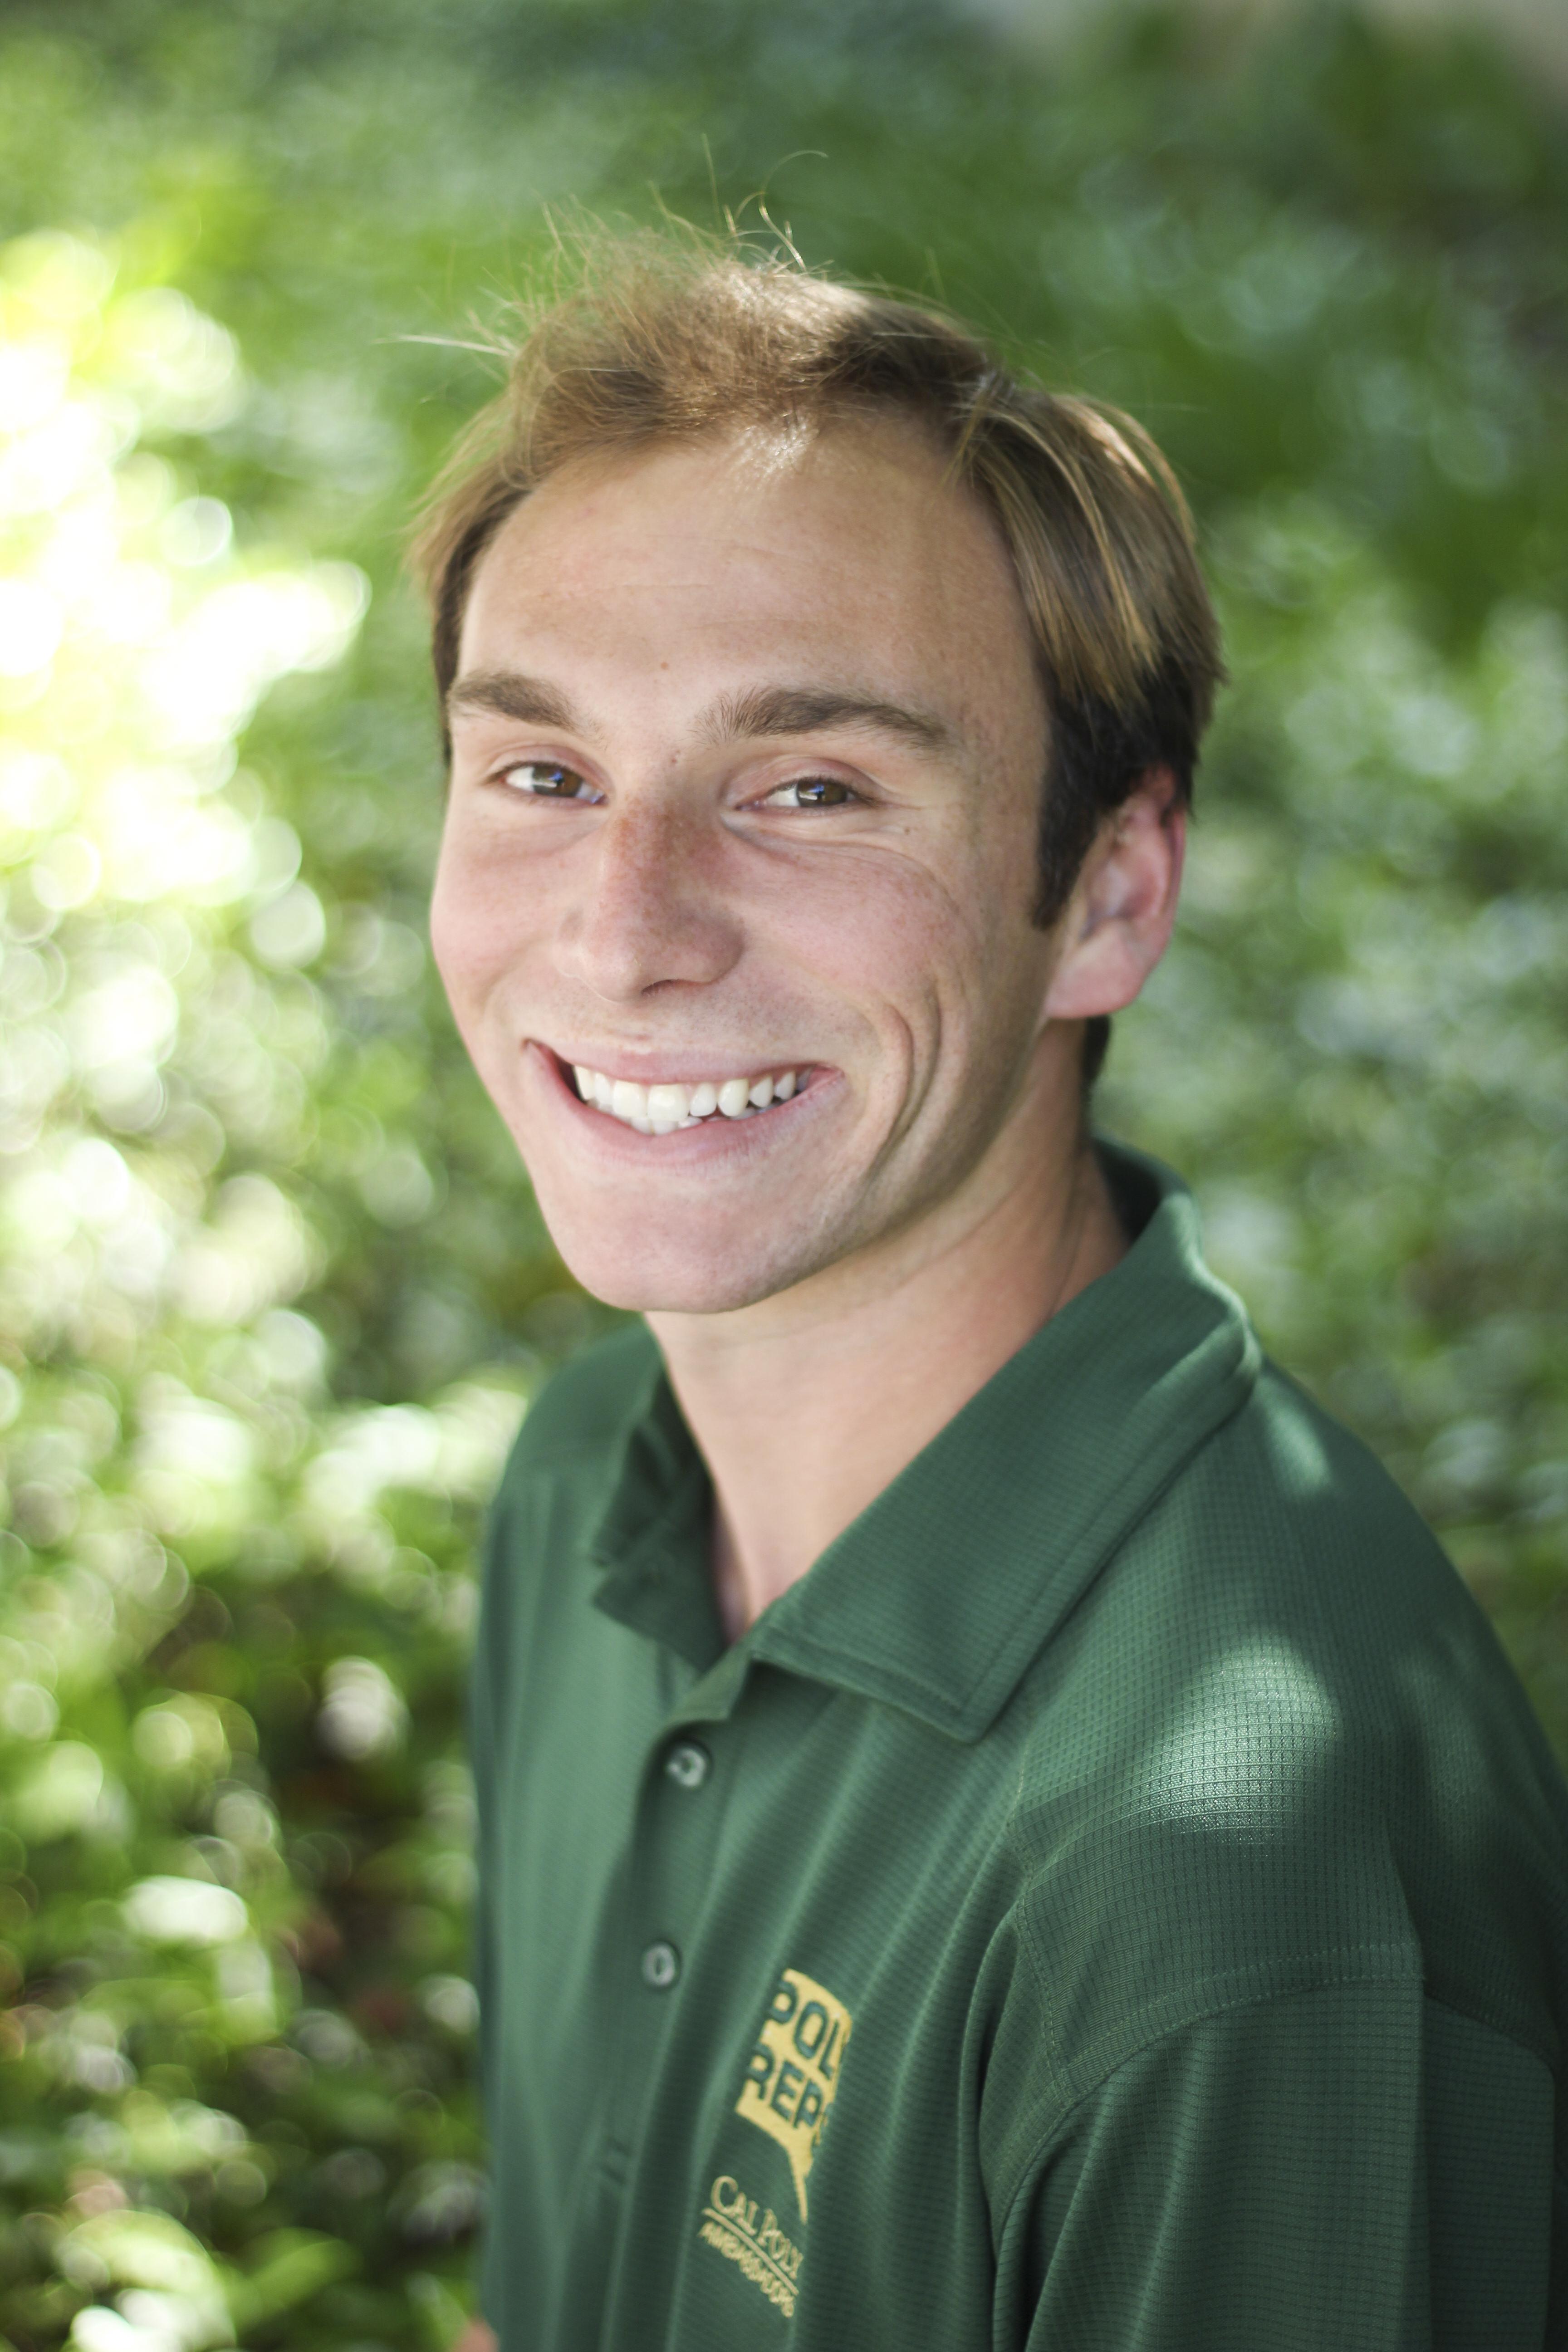 Alex Kanter